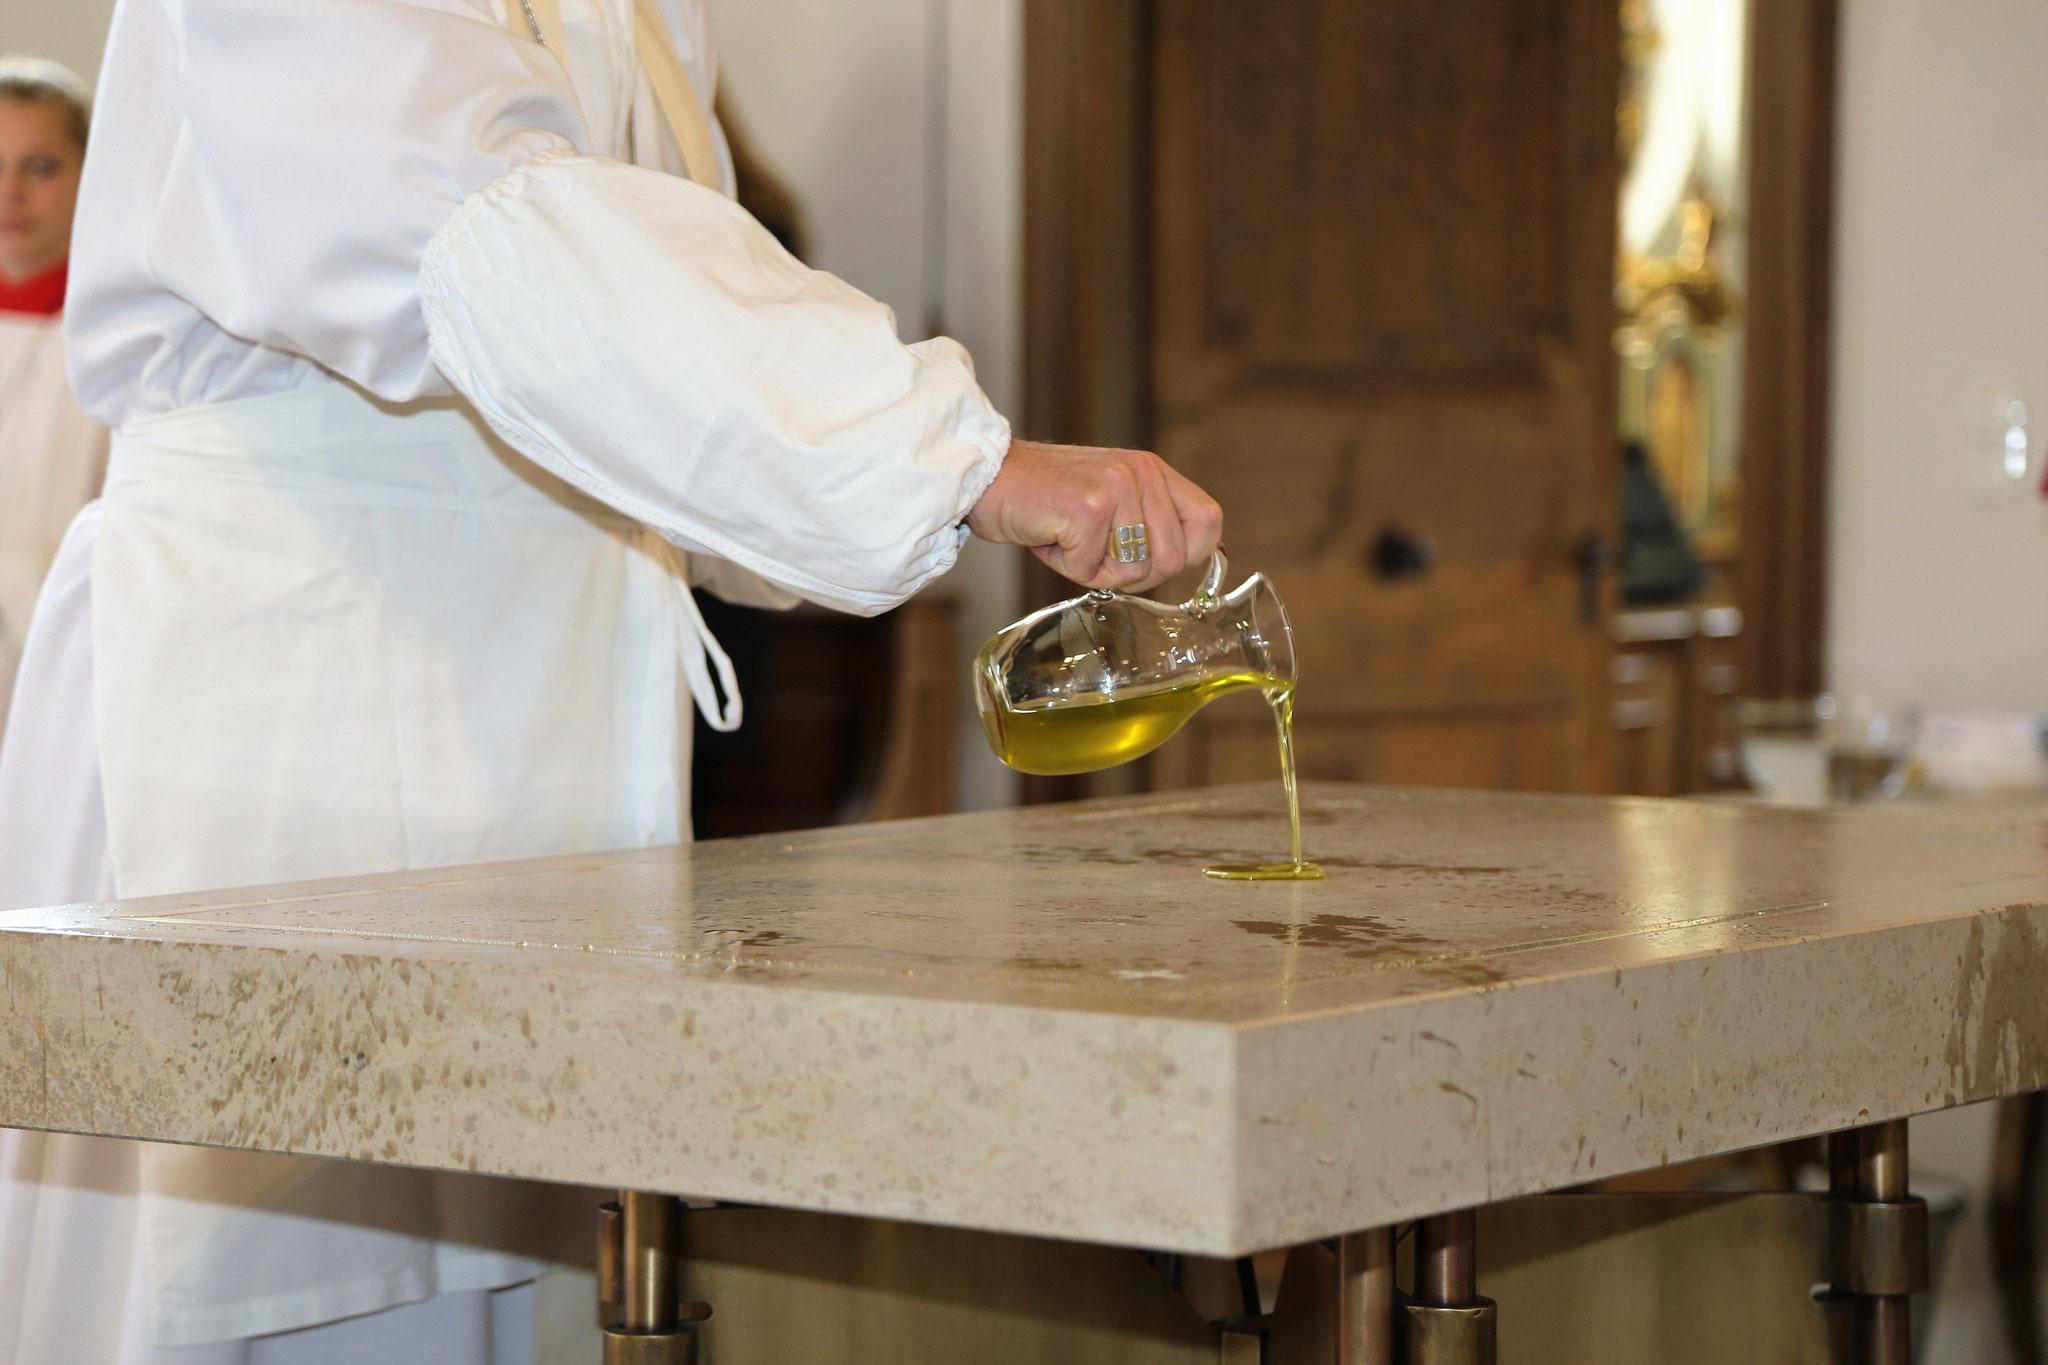 Der Bischof gießt kostbares Chrisamöl in die Mitte des Altares